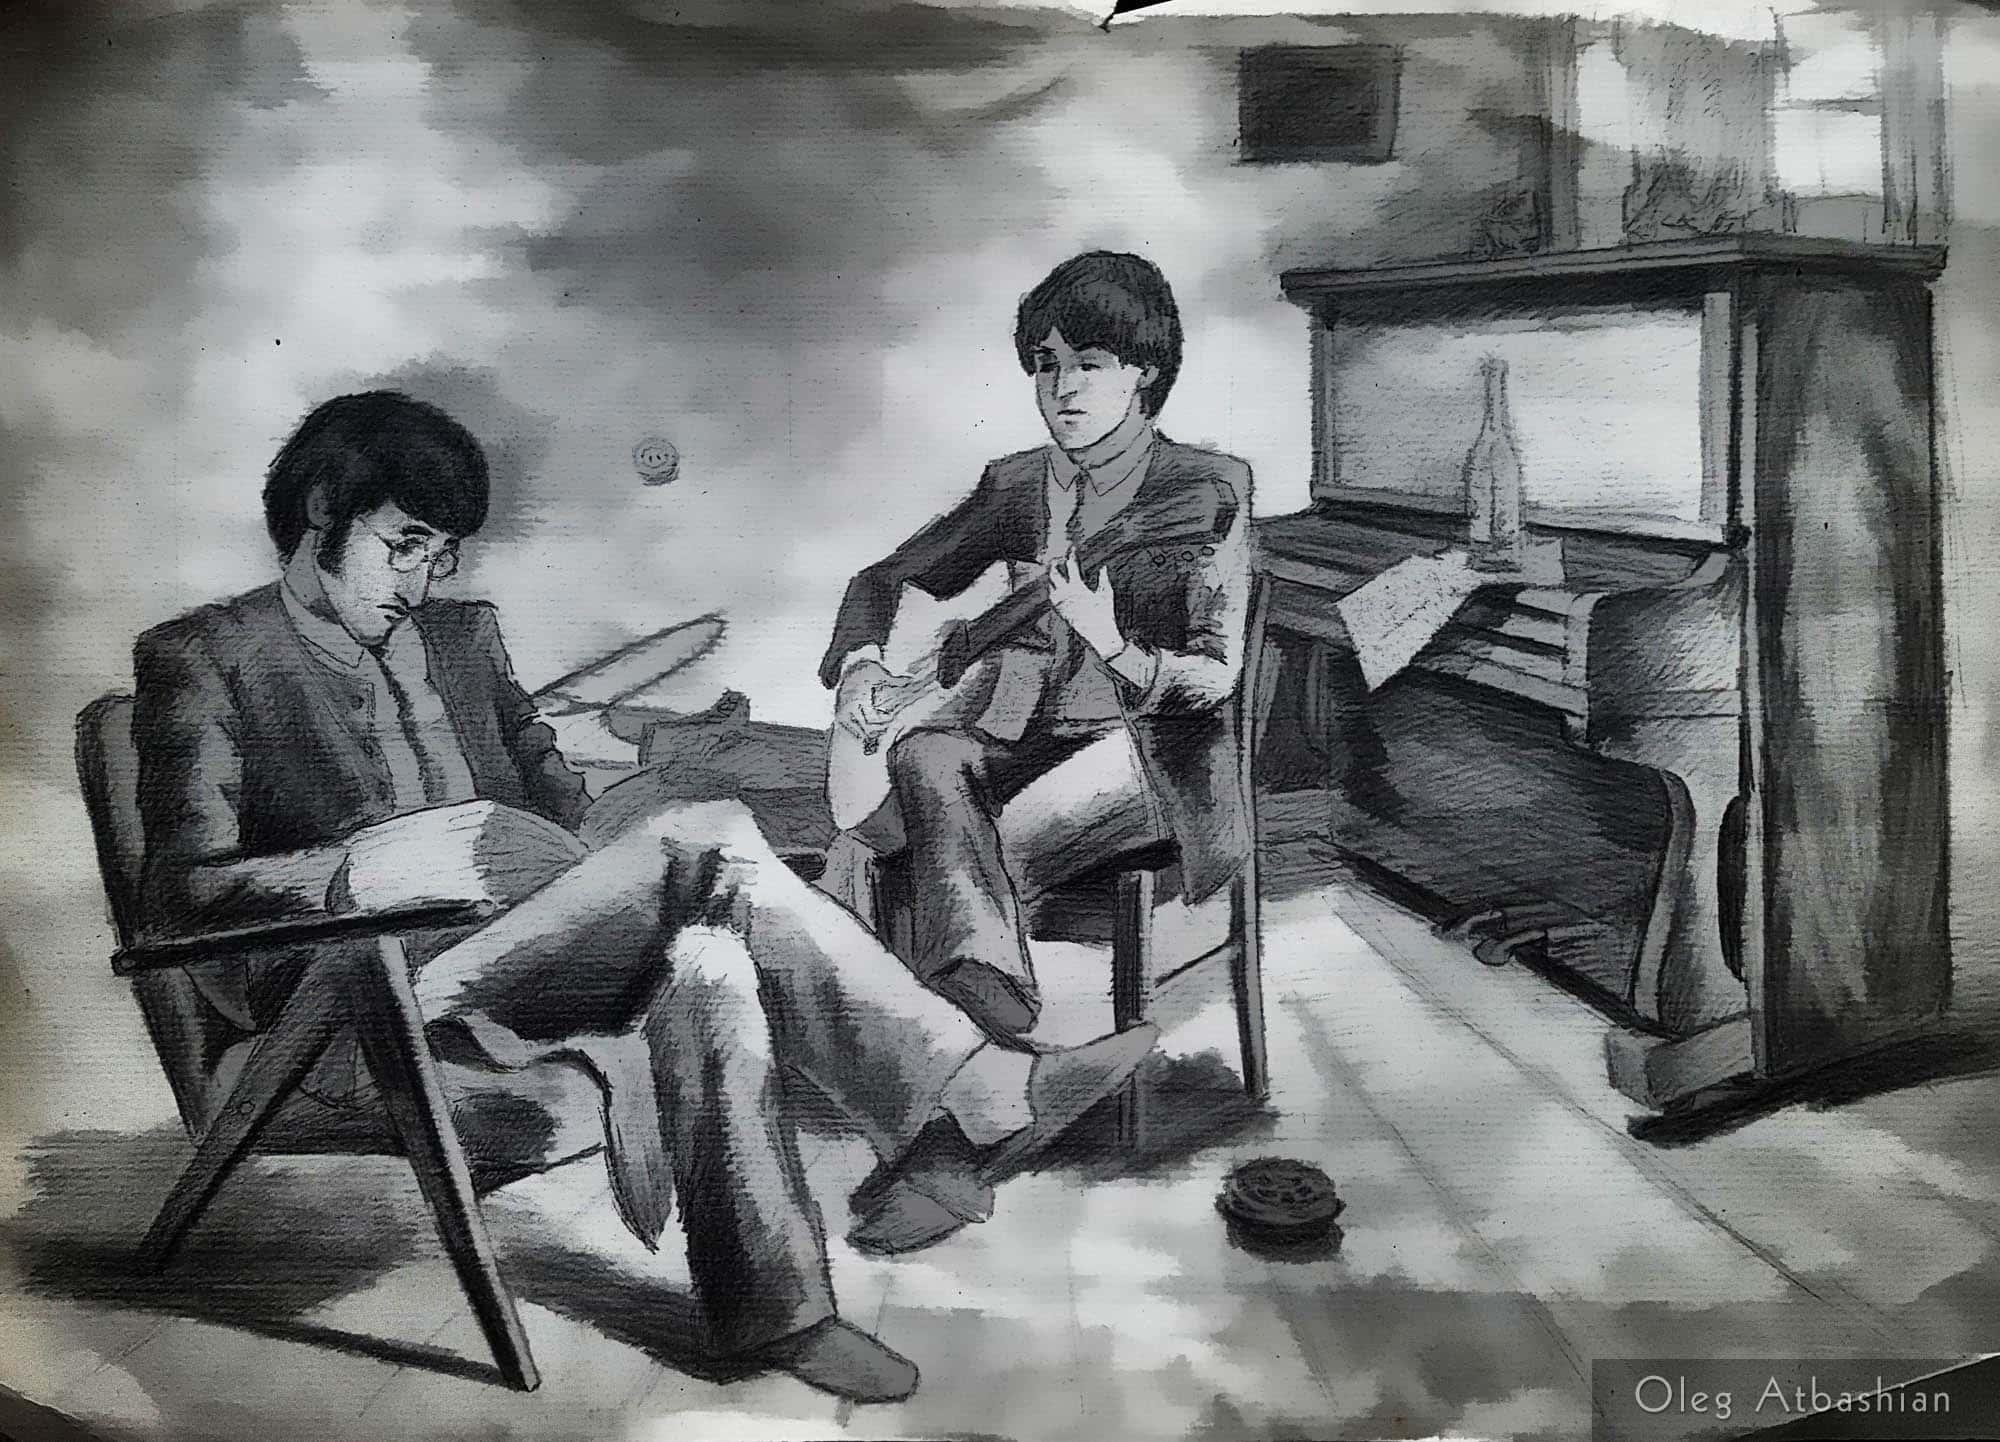 Paul and John Visiting Oleg's Home